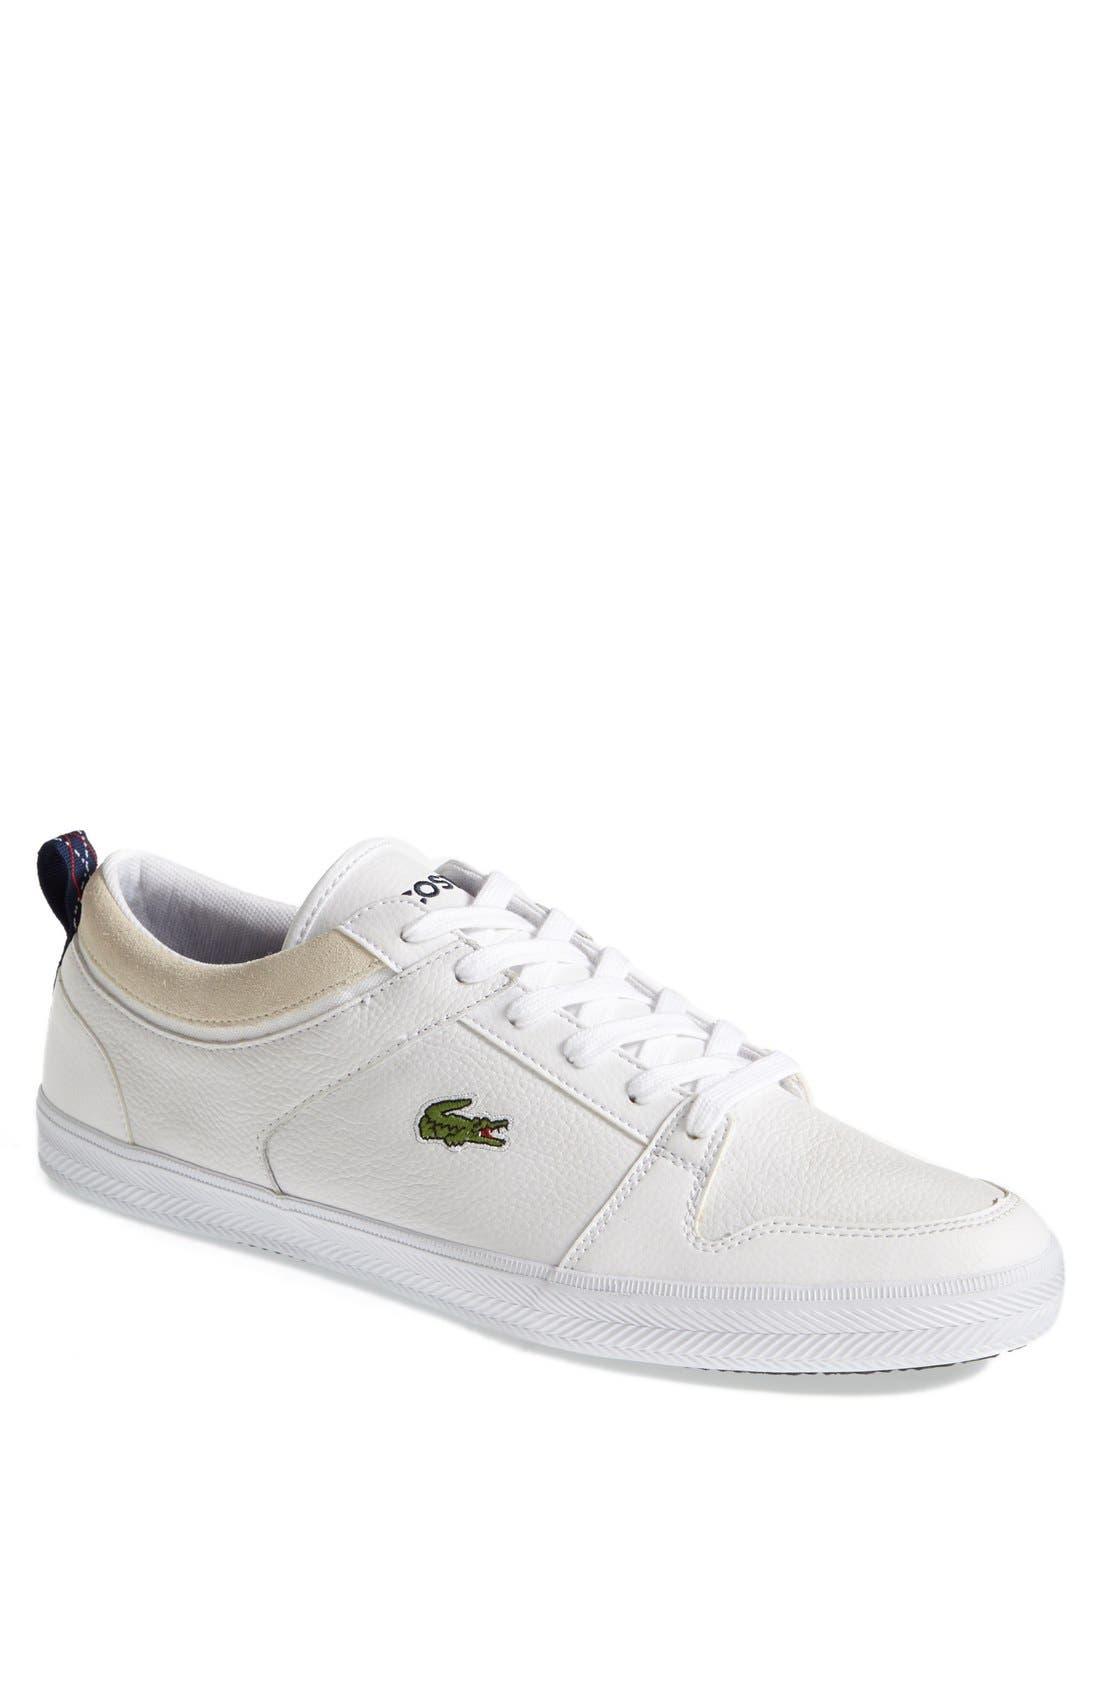 Main Image - Lacoste 'Ojetti Mag' Sneaker (Men)